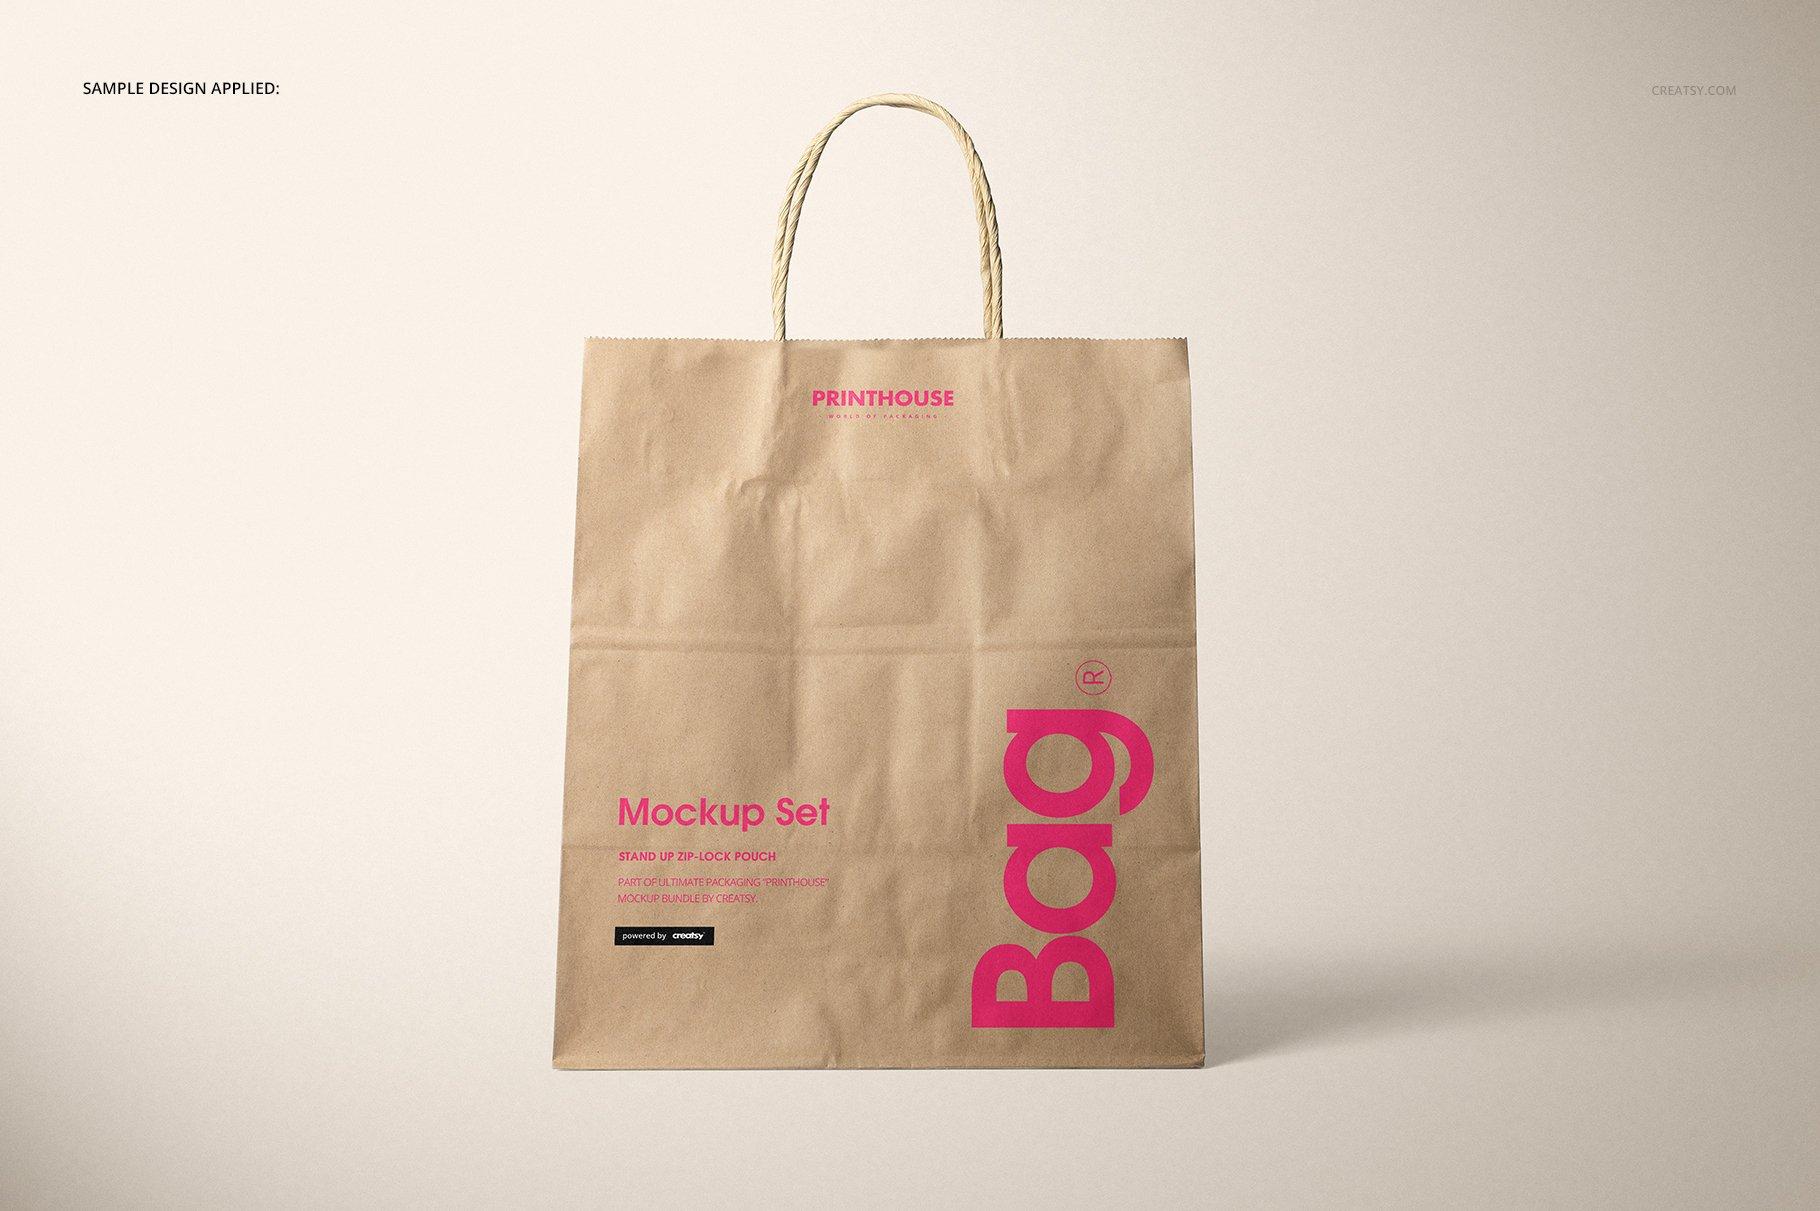 [淘宝购买] 时尚牛皮纸购物手提纸袋设计贴图样机模板 Natural Kraft Shopping Bag Mockup 2插图(5)